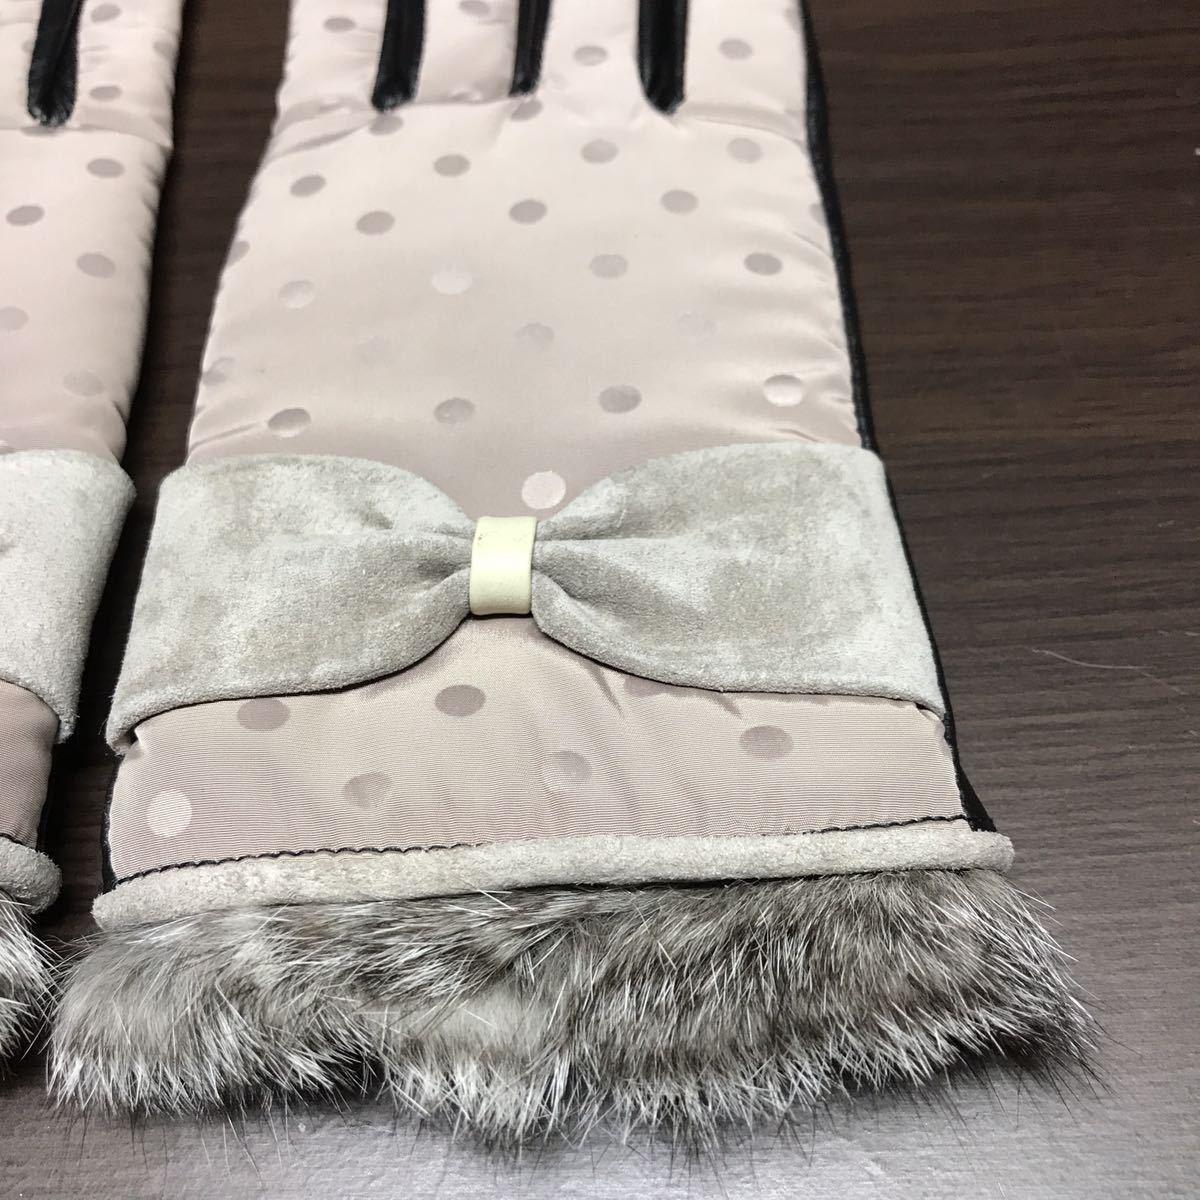 未使用 スマホ操作が出来る手袋 羊革 ラビットファー 小さめ手袋_画像2